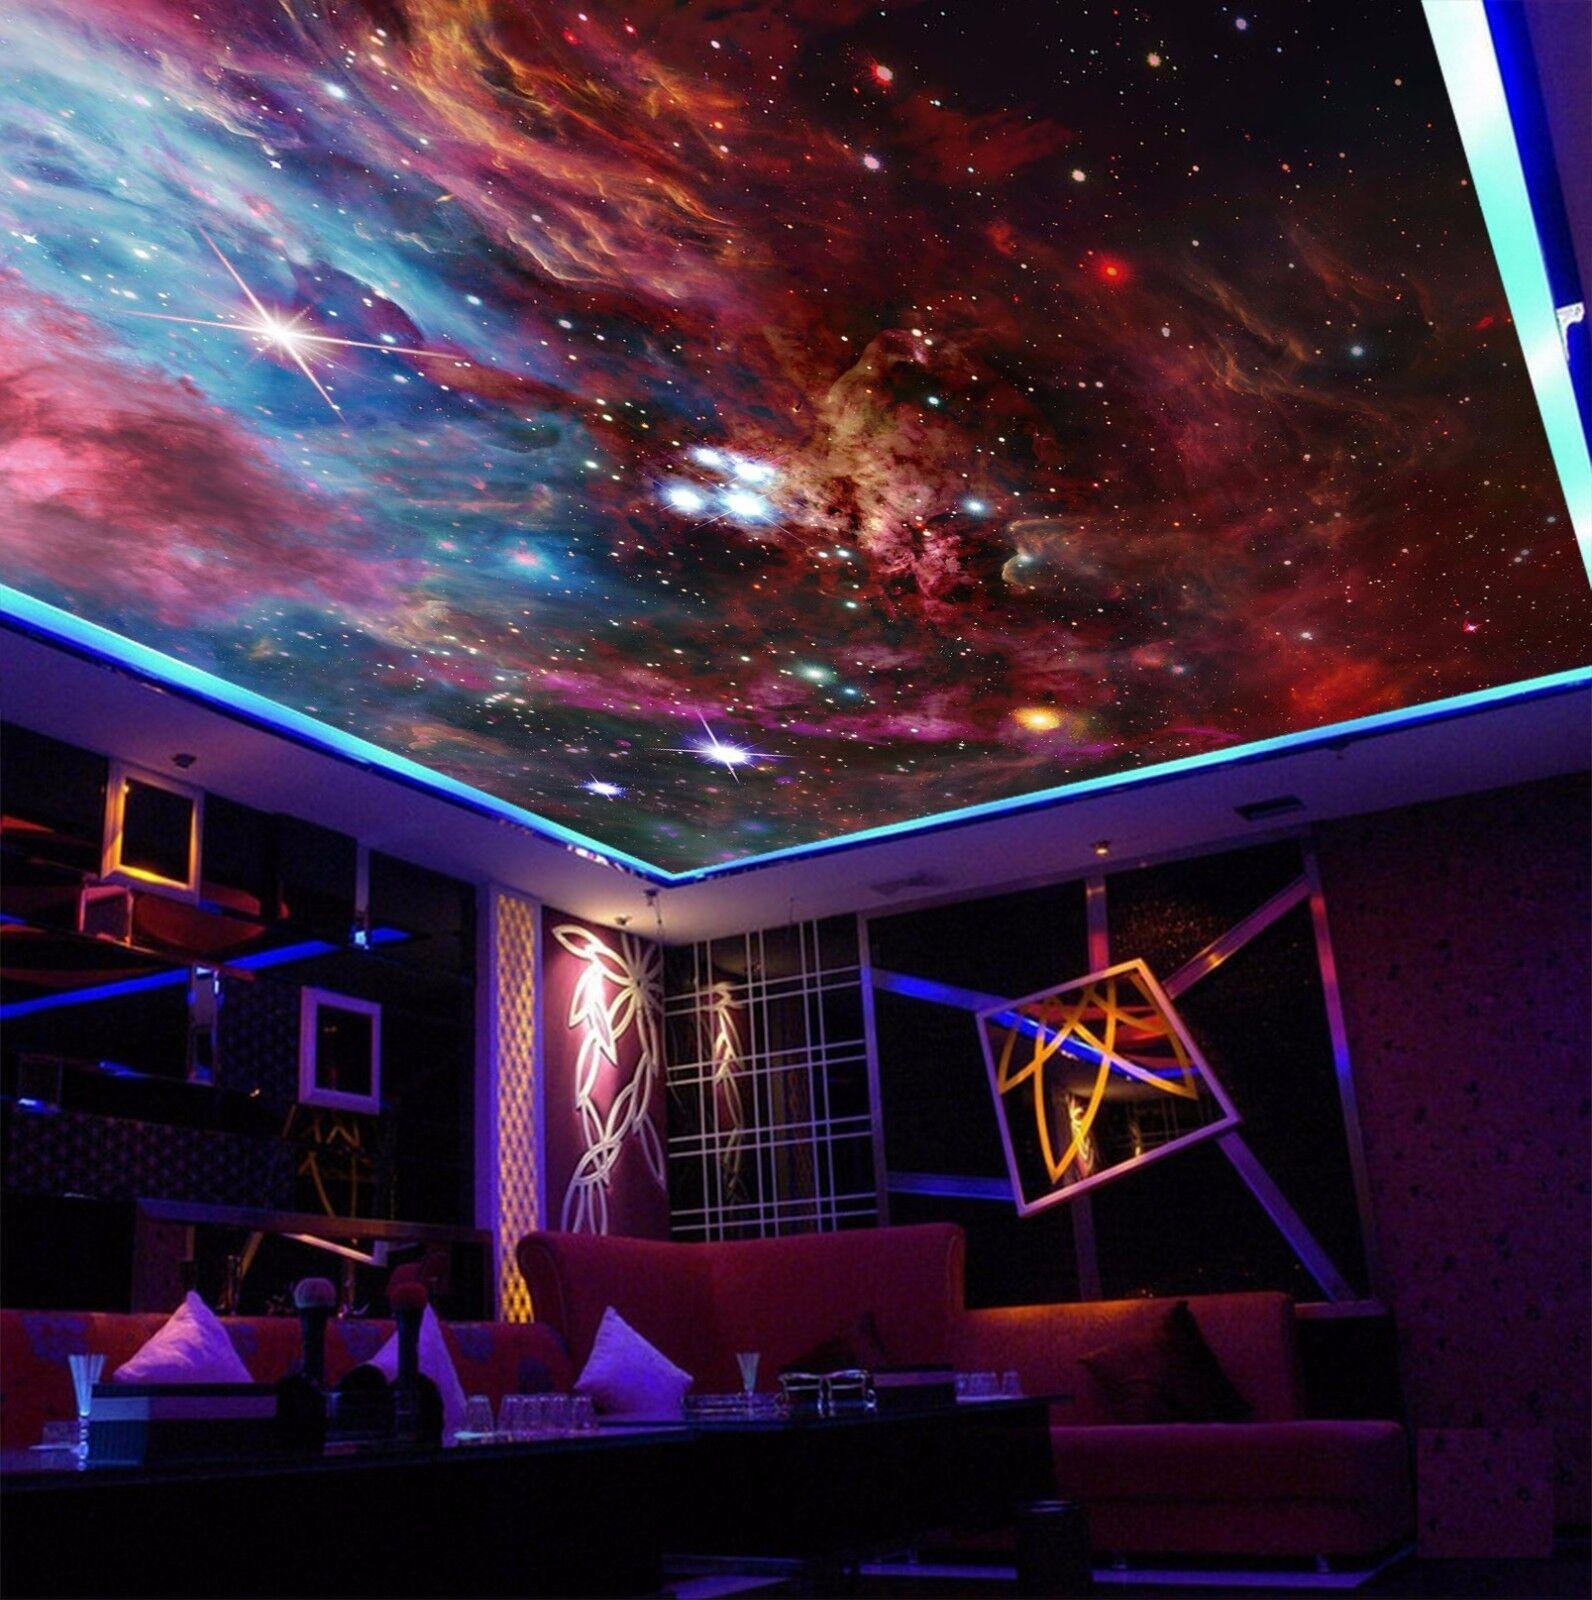 3D rosso cielo stellato 95 95 95 soffitto carta da Parati Murales Muro Decalcomania STAMPA DECO AJ Carta da parati GB 9fb930